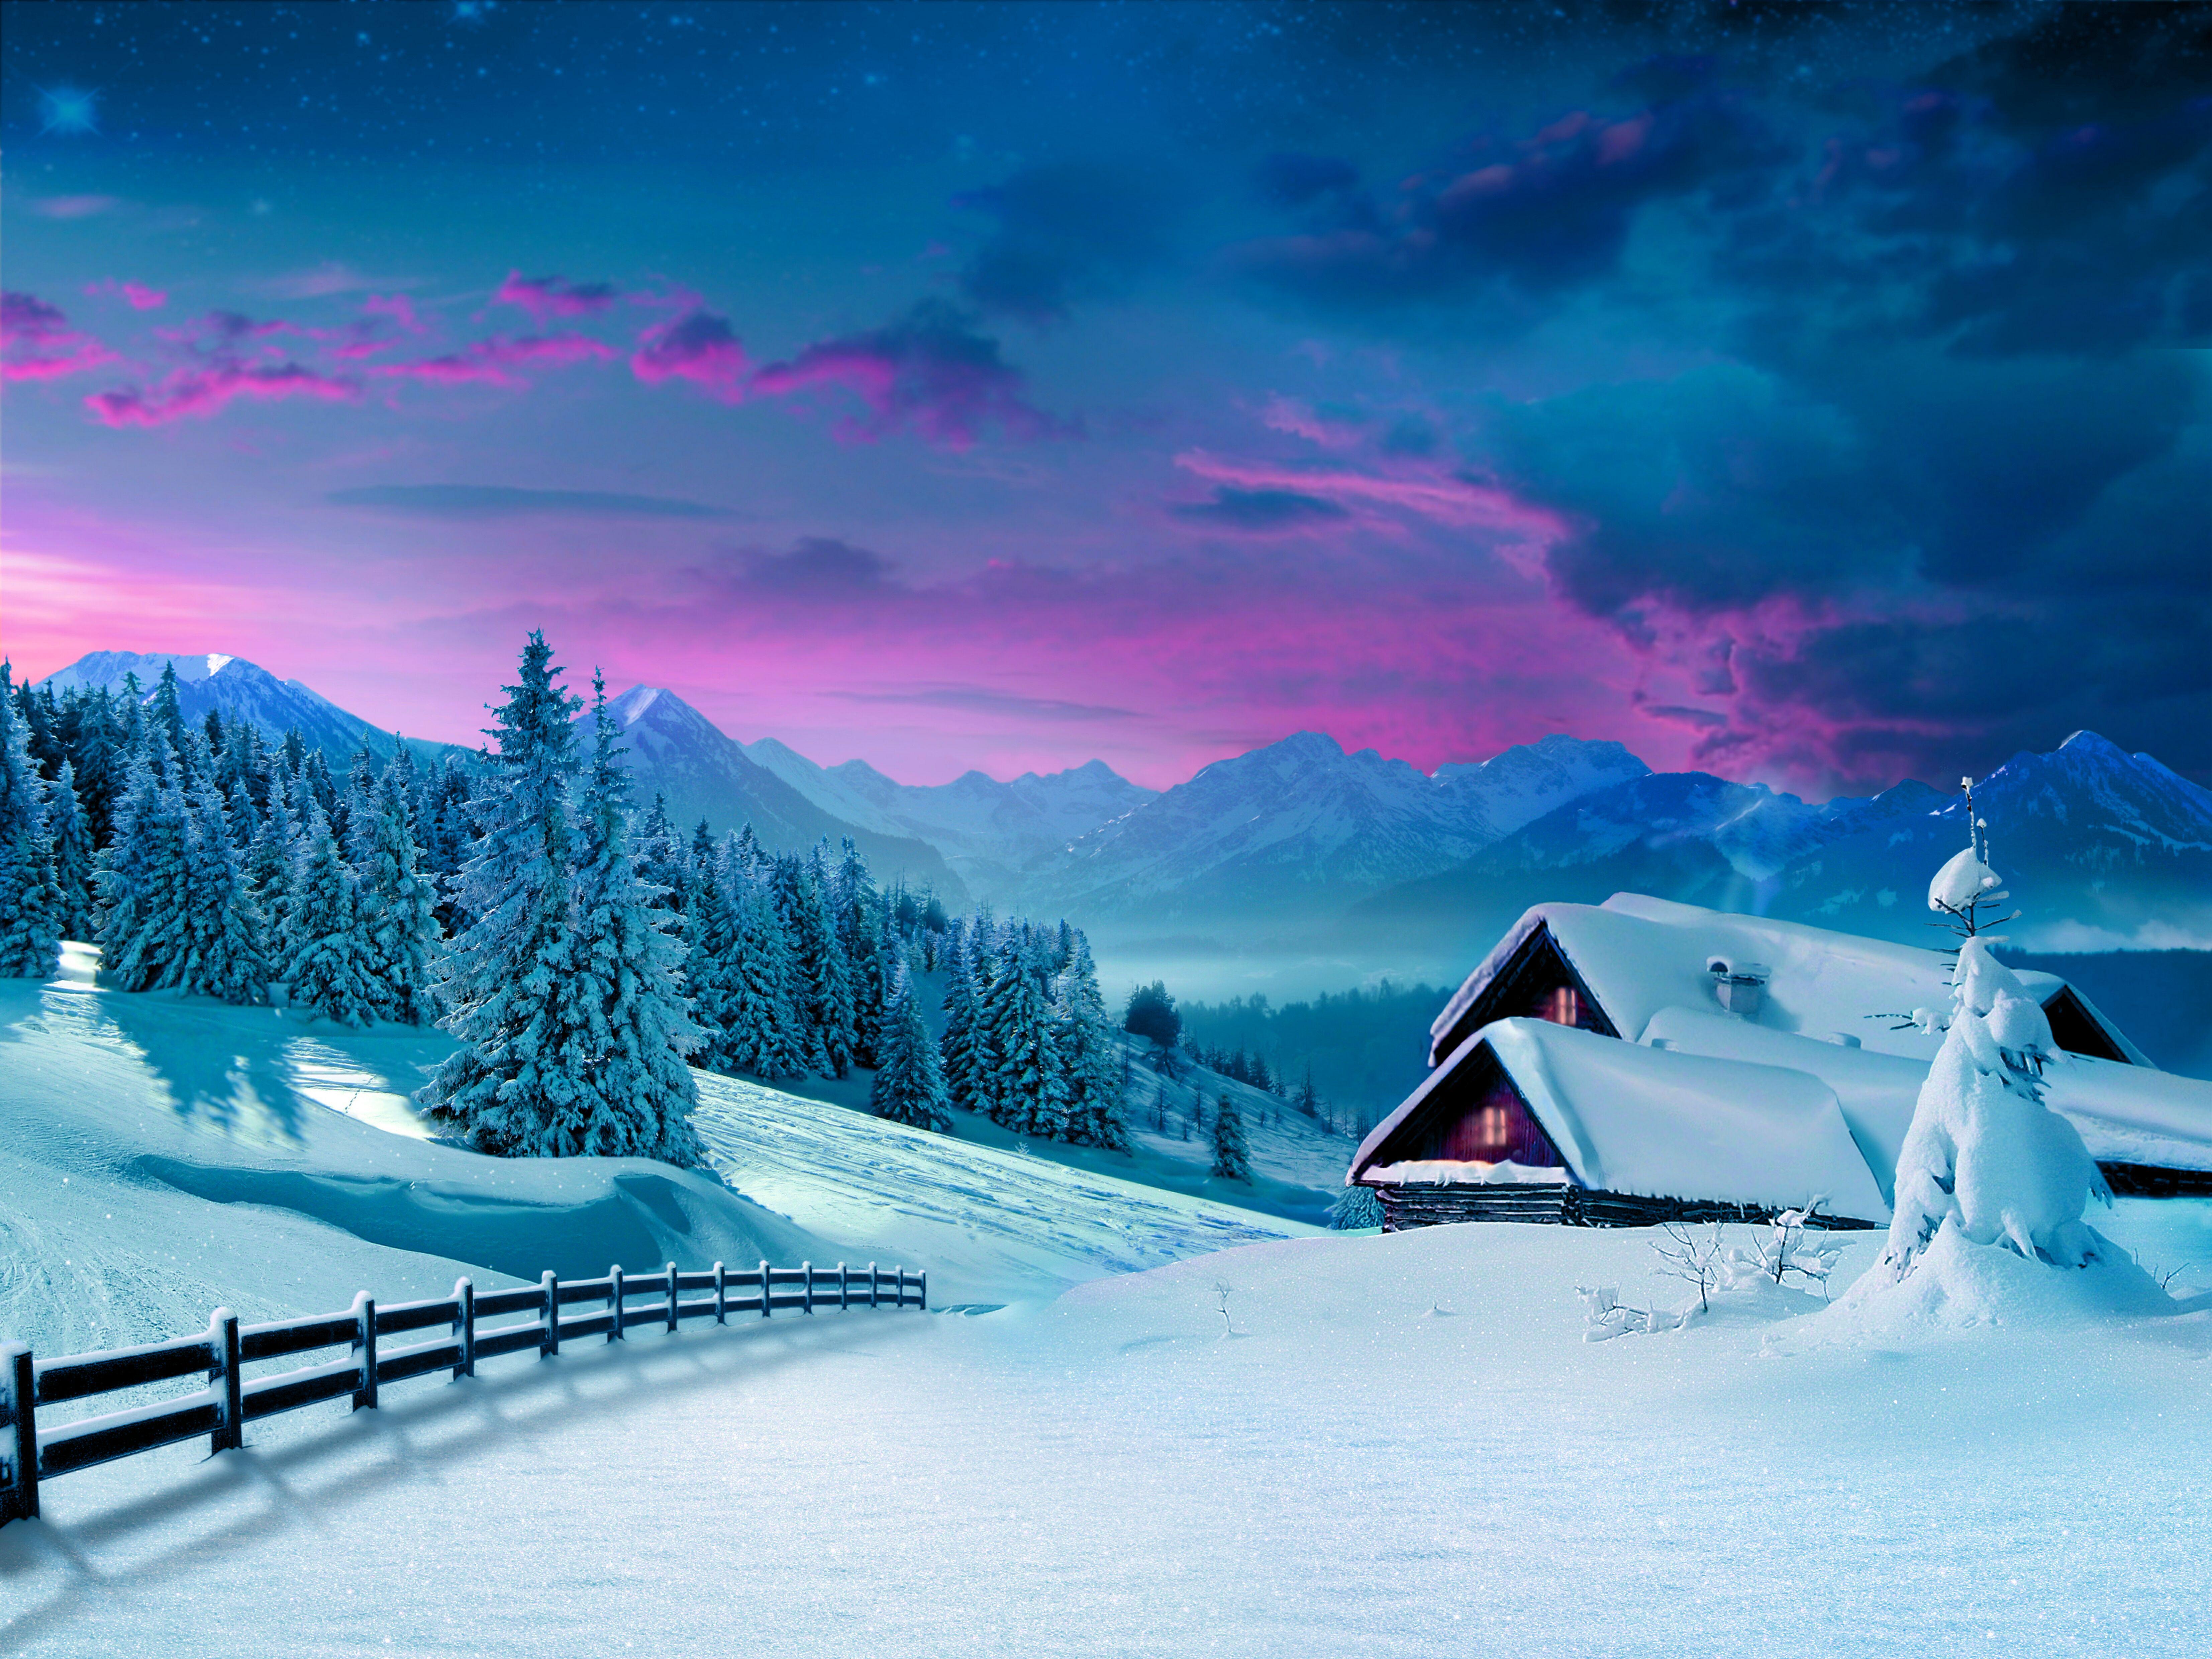 обои для рабочего стола на тему зима скачать бесплатно № 147239 бесплатно